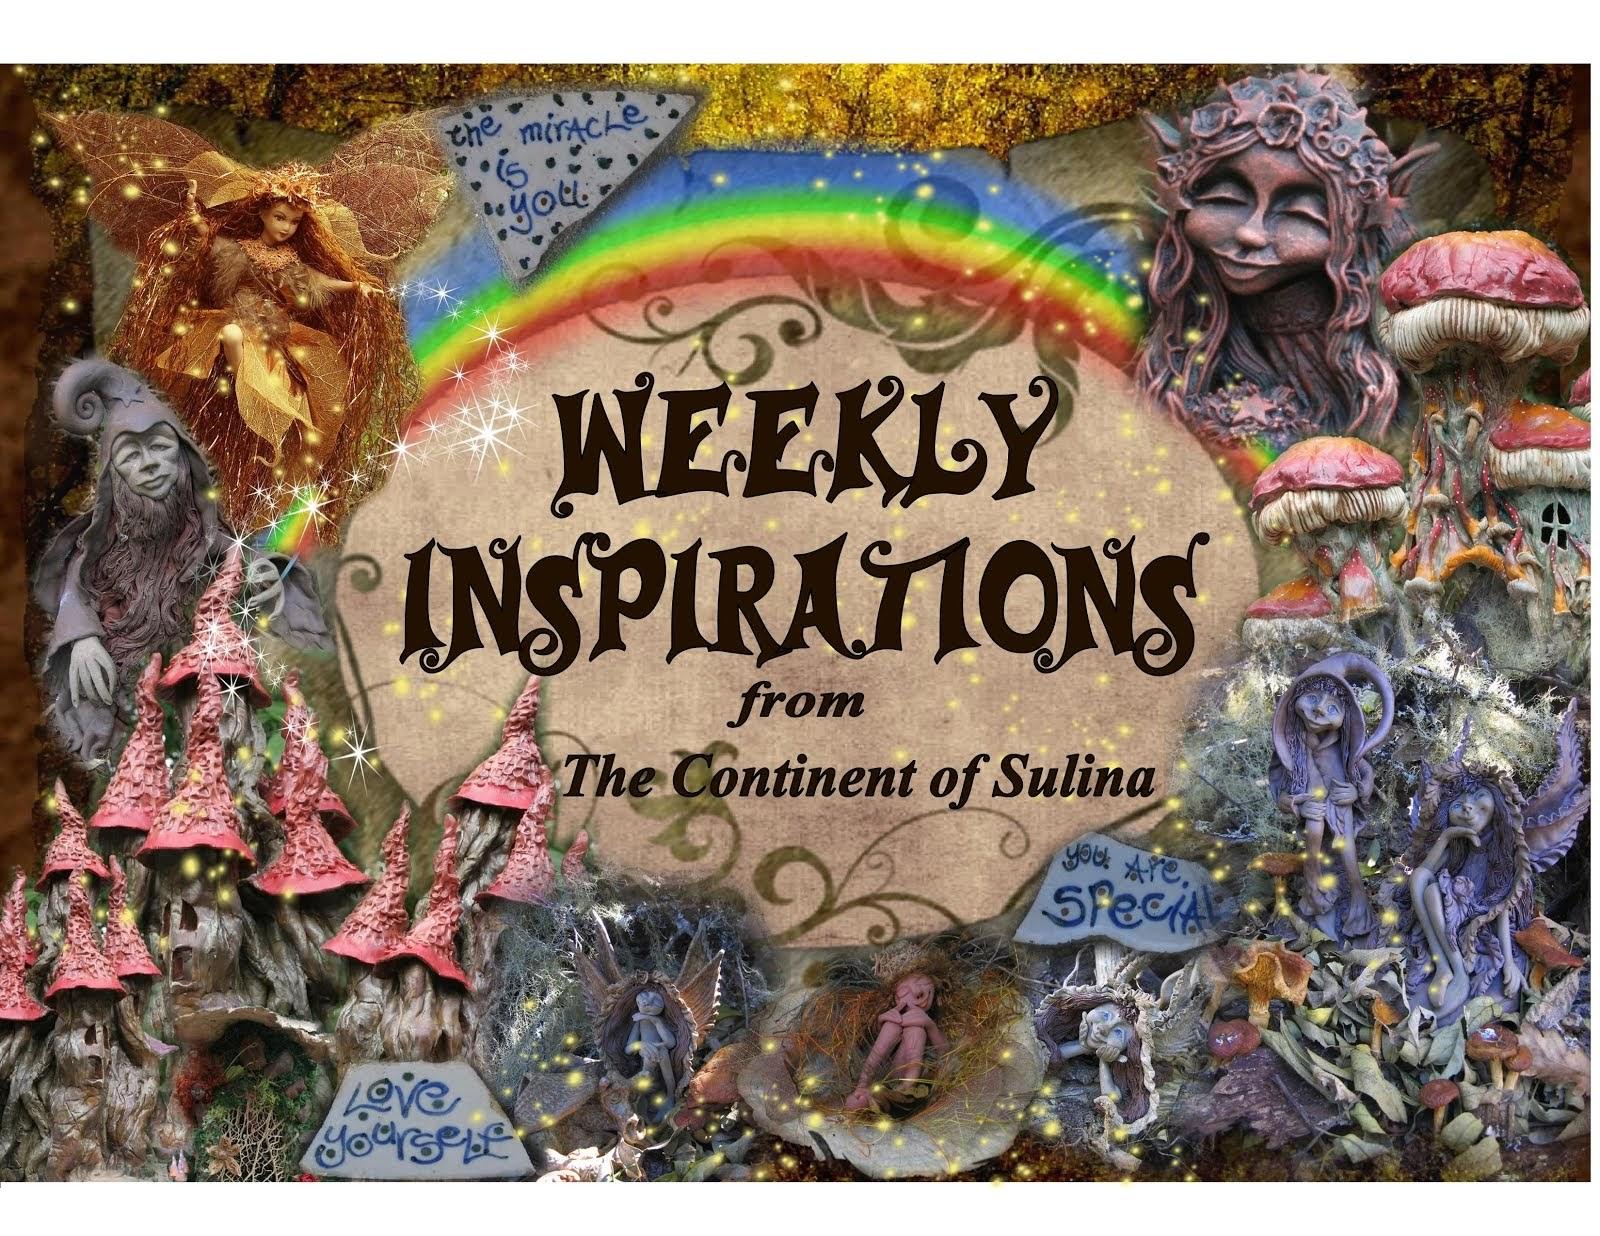 sulinaweeklyinspirations